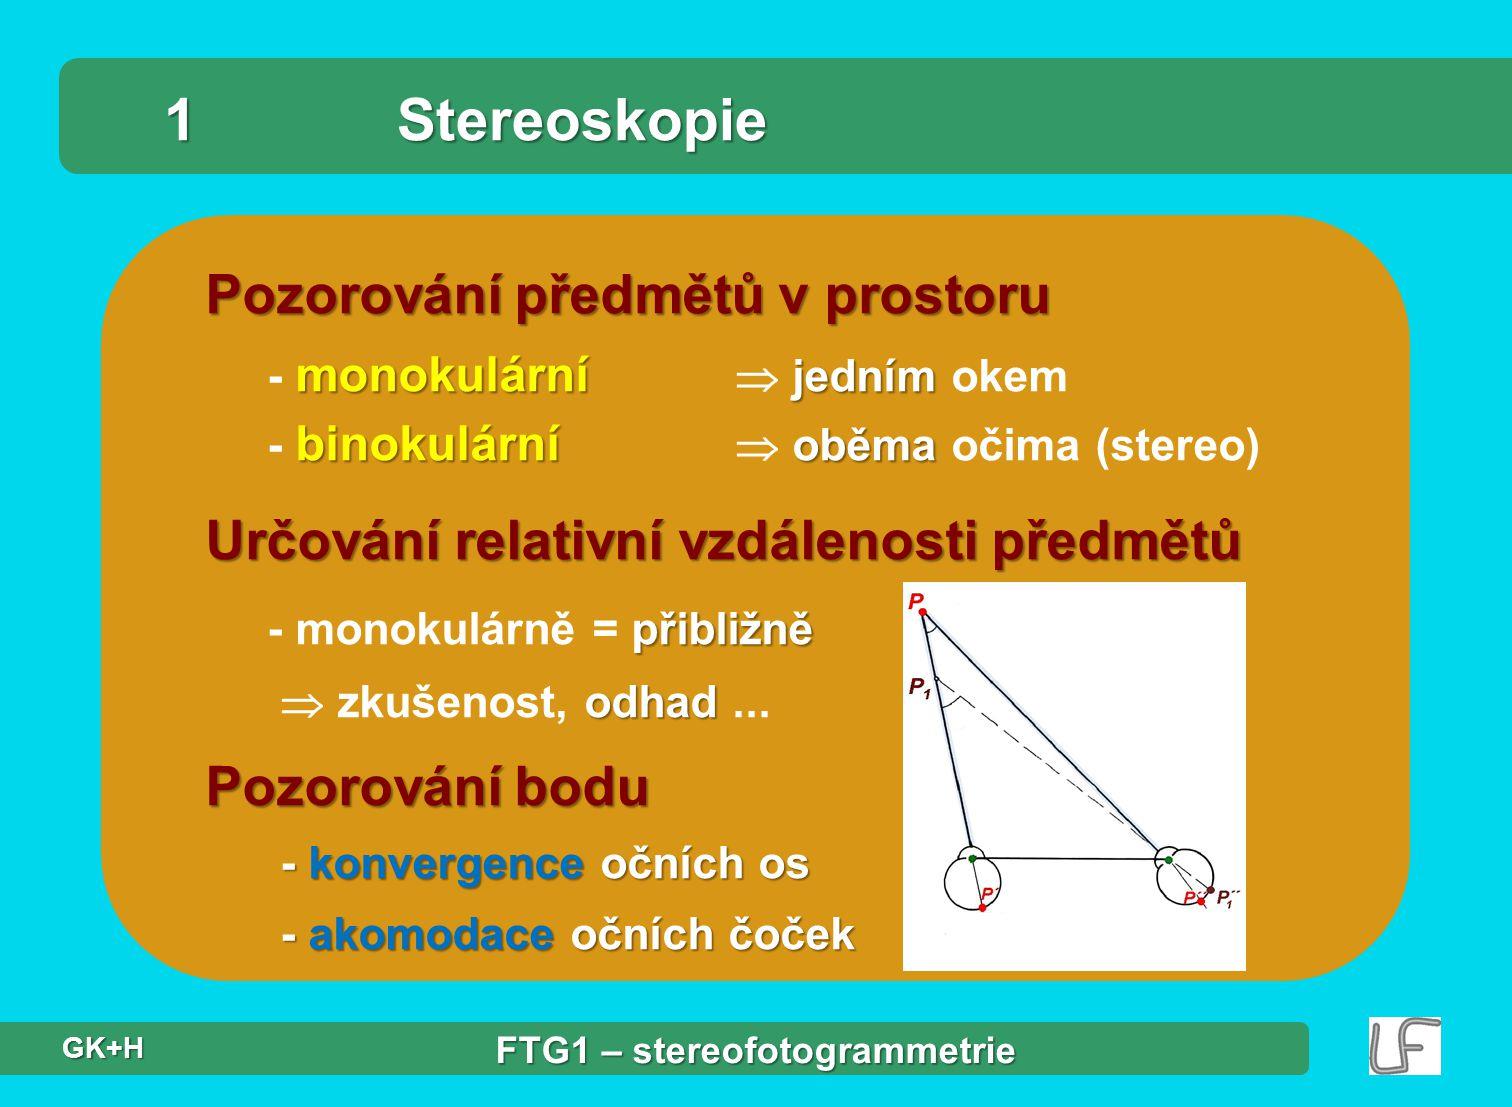 FTG1 – stereofotogrammetrie